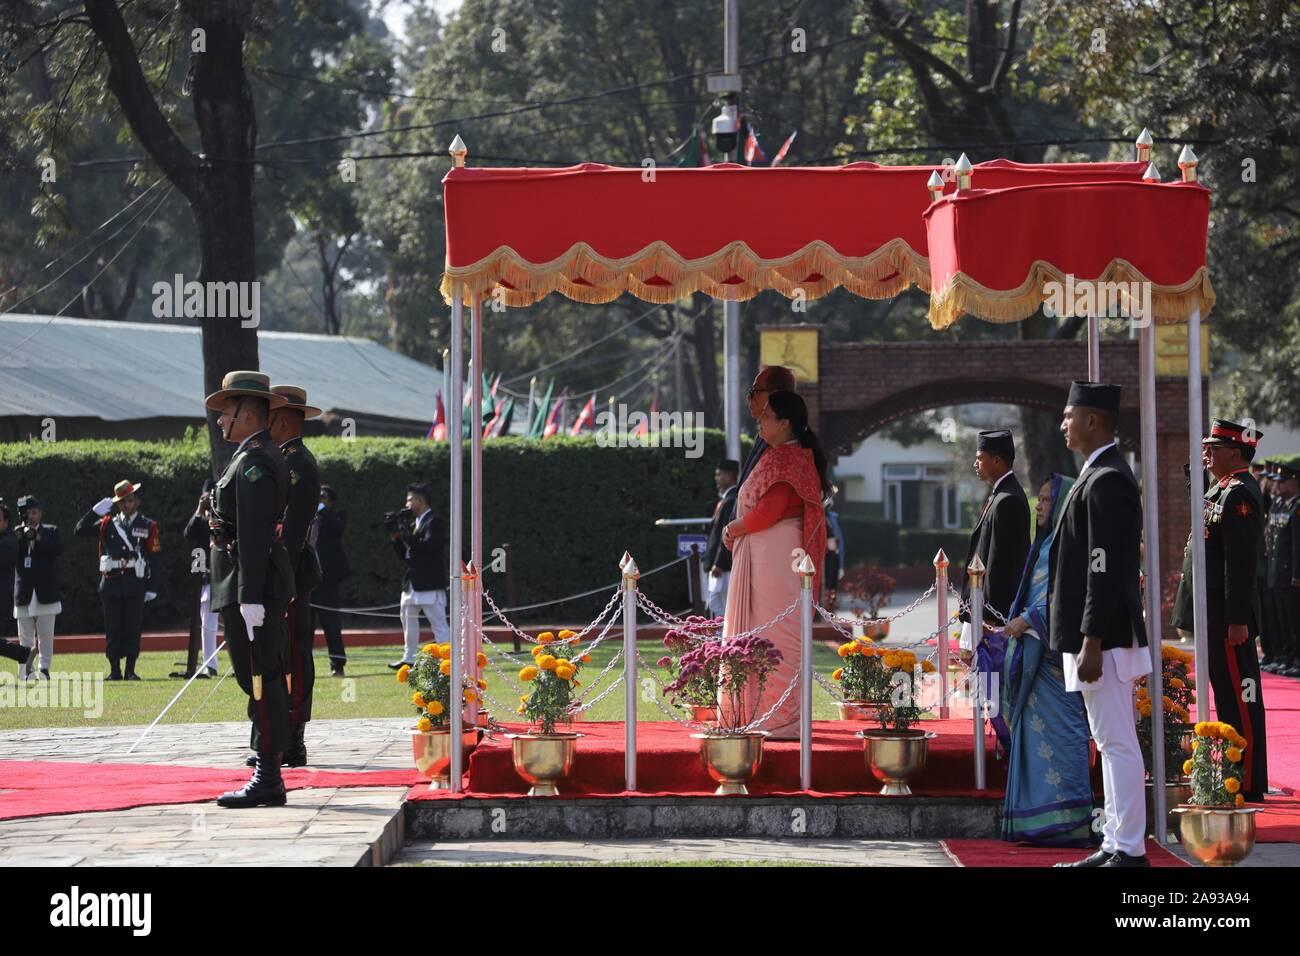 Katmandou, Népal. 12 Nov, 2019. Le président du Bangladesh, Abdul Hamid offrent une garde d'honneur par un contingent de l'armée népalaise à l'aéroport international de Tribhuvan à Katmandou, Népal, le Mardi, Novembre 12, 2019. Le président du Bangladesh, Abdul Hamid est sur une bonne volonté officielle de quatre jours à visiter le Népal à l'invitation du président du Népal Bidhya Devi Bhandari. (Photo by Subash Shrestha/Pacific Press) Credit: Pacific Press Agency/Alamy Live News Banque D'Images